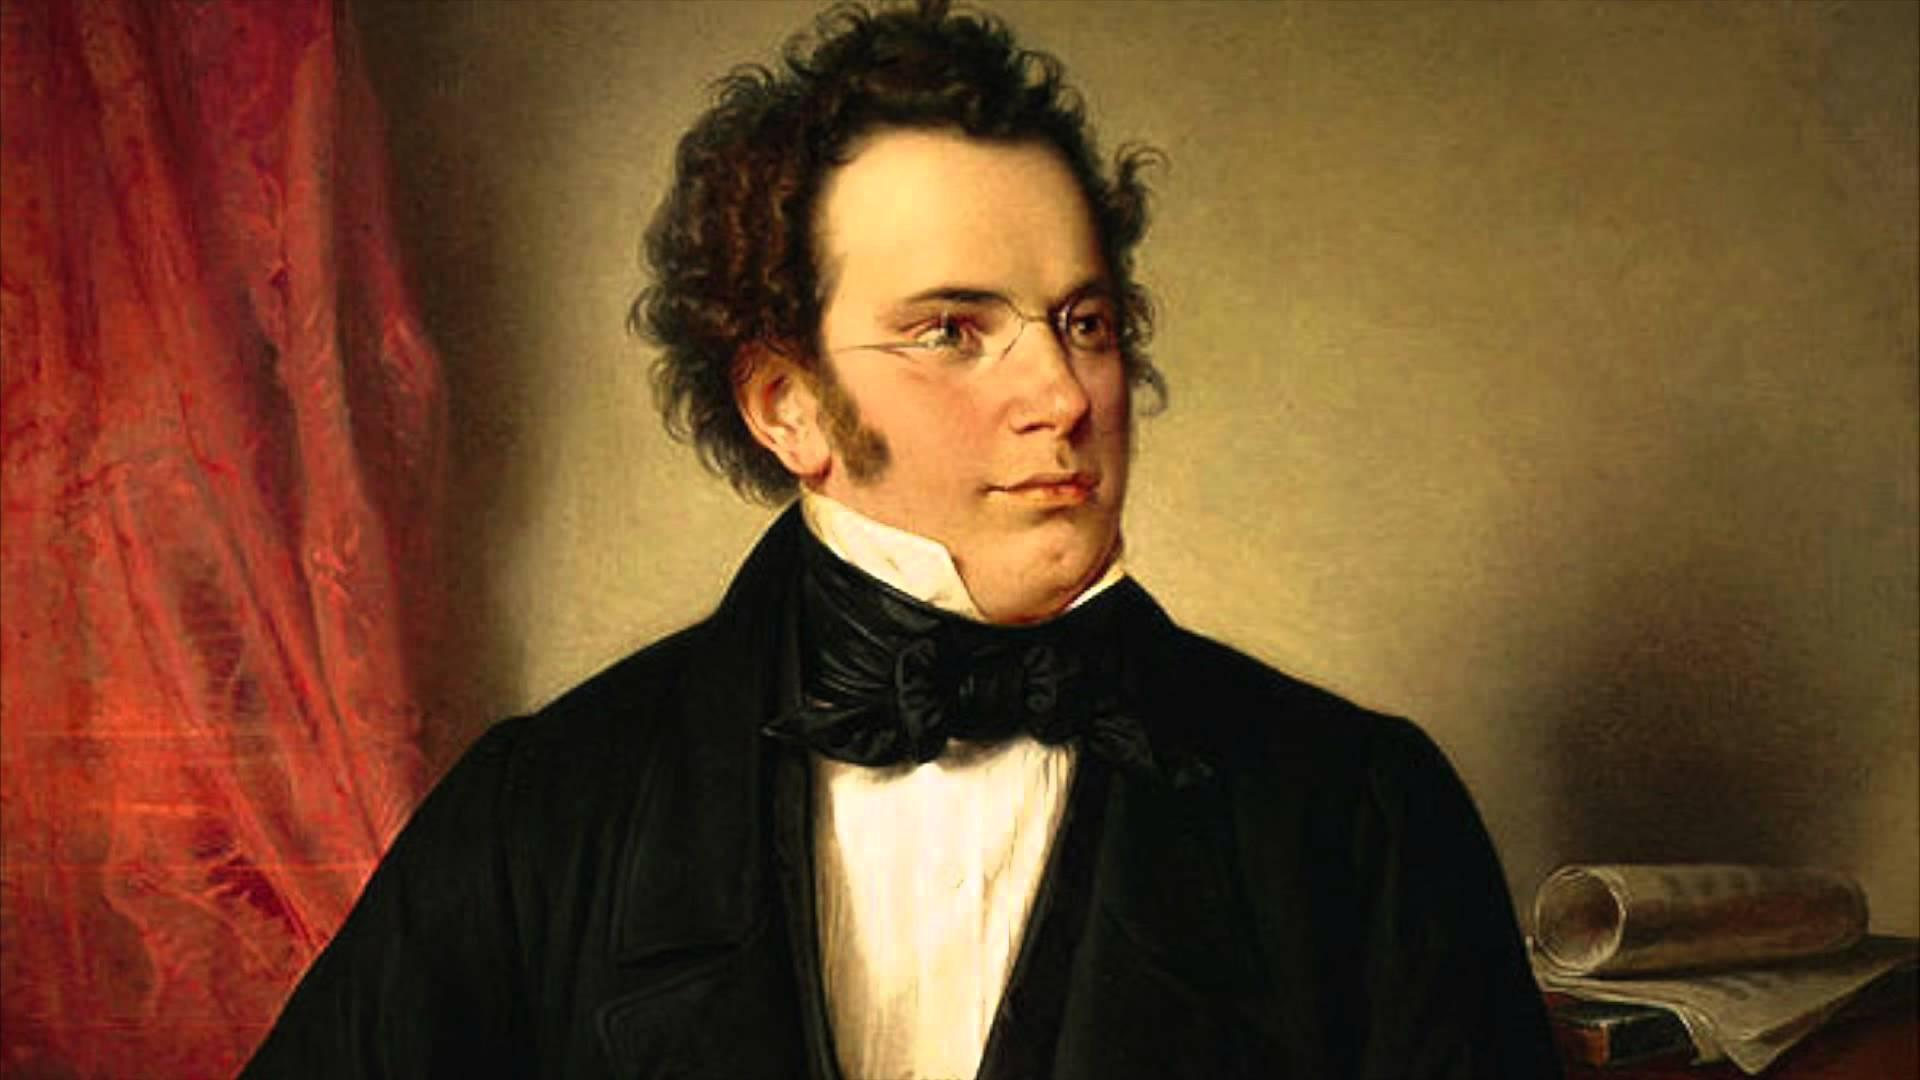 Franz Schubert (1797-1828) Piano Quintet in A major 'Trout' & Johann Nepomuk Hummel (1778-1837)  Piano Quintet in E flat major